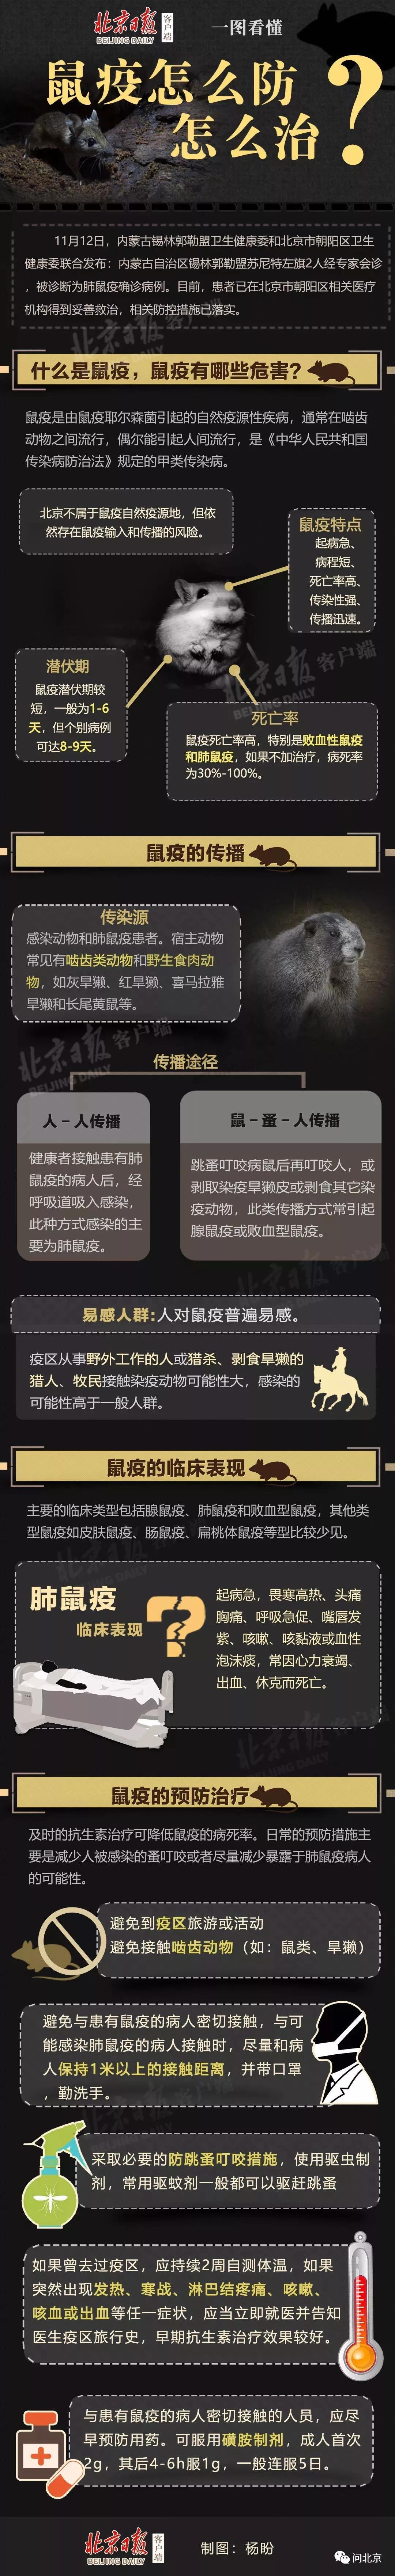 豪博娱乐亚洲|香港反释法非法集结 多名被告判监禁缓刑